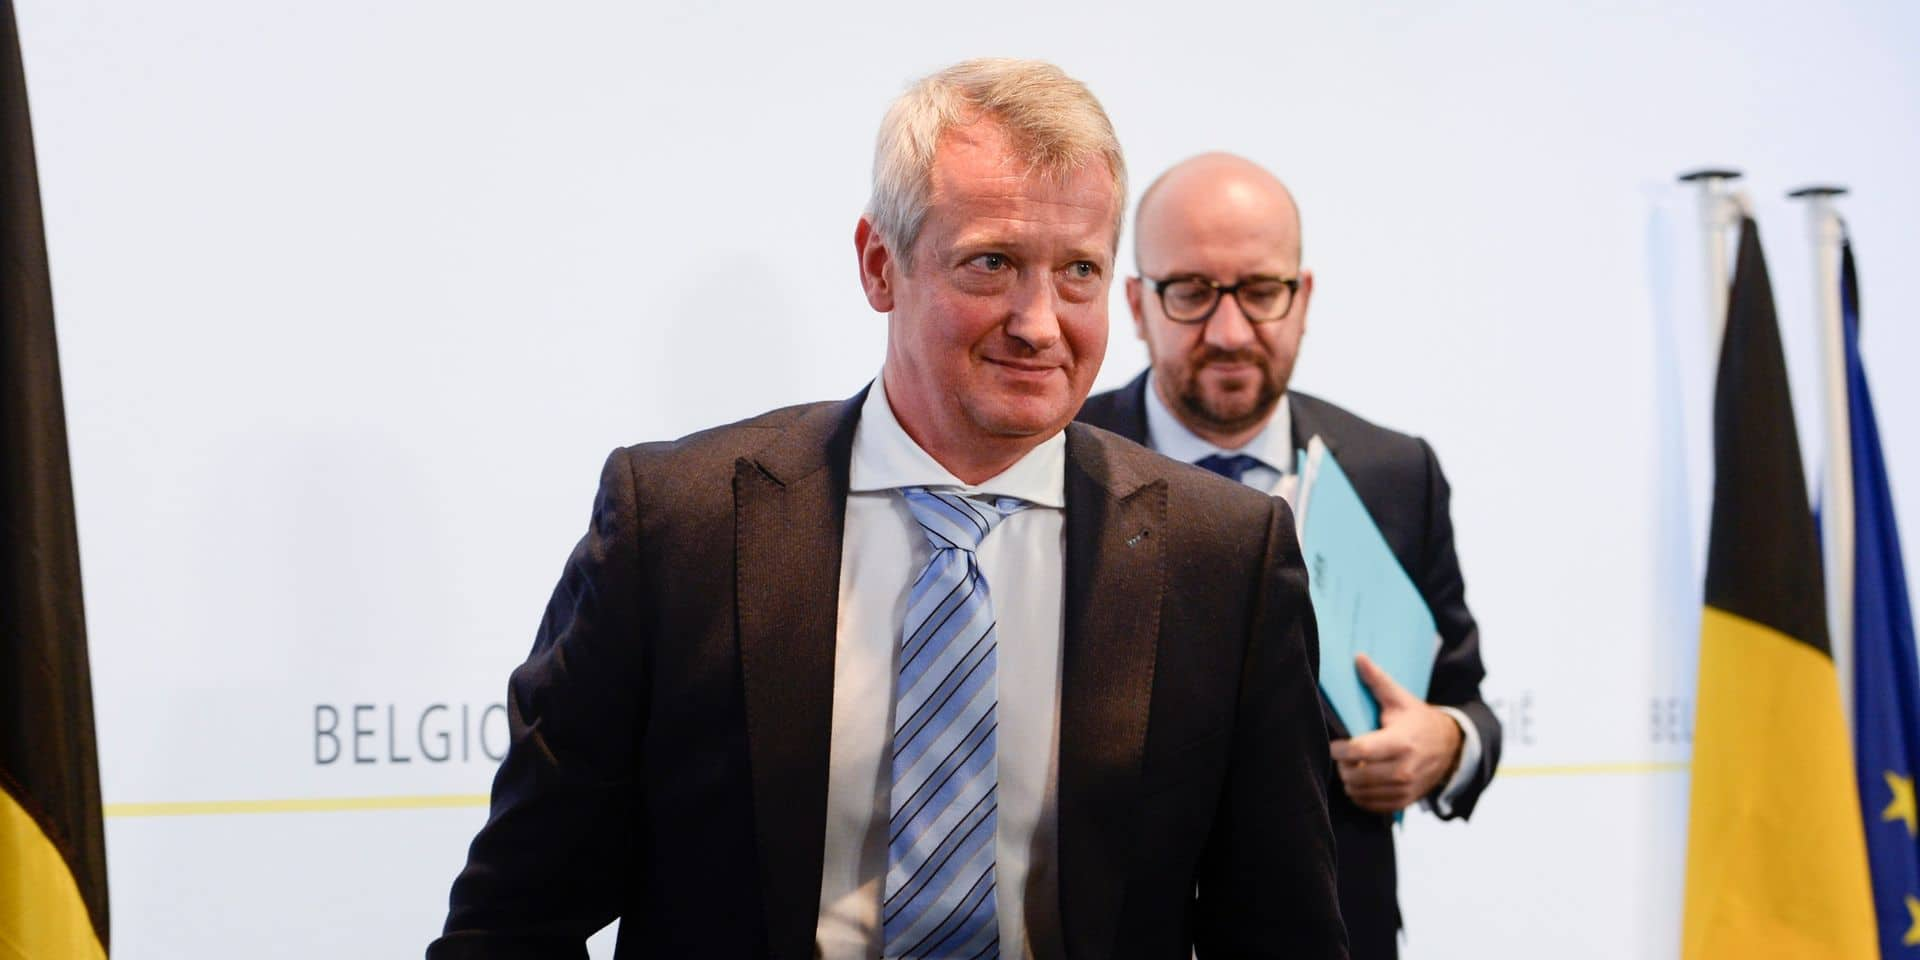 Miguel De Bruycker, le directeur du Centre pour la cybersécurité Belgique, précède le pas à l'ex-Premier ministre, Charles Michel.